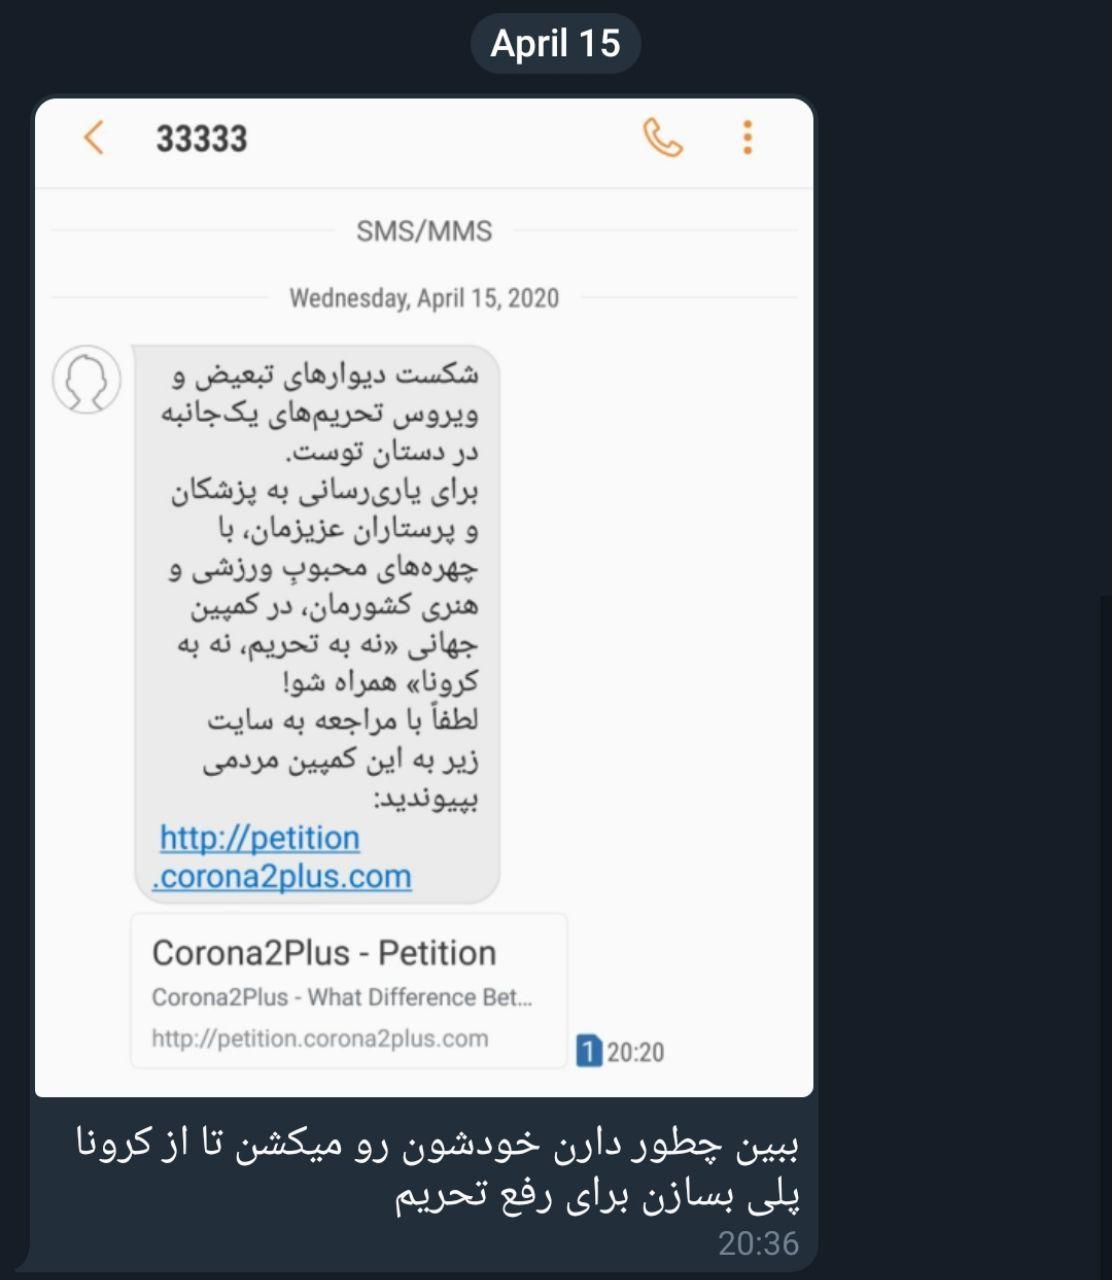 پیامهای ارسالی به #الو در مور … 220575001586972415